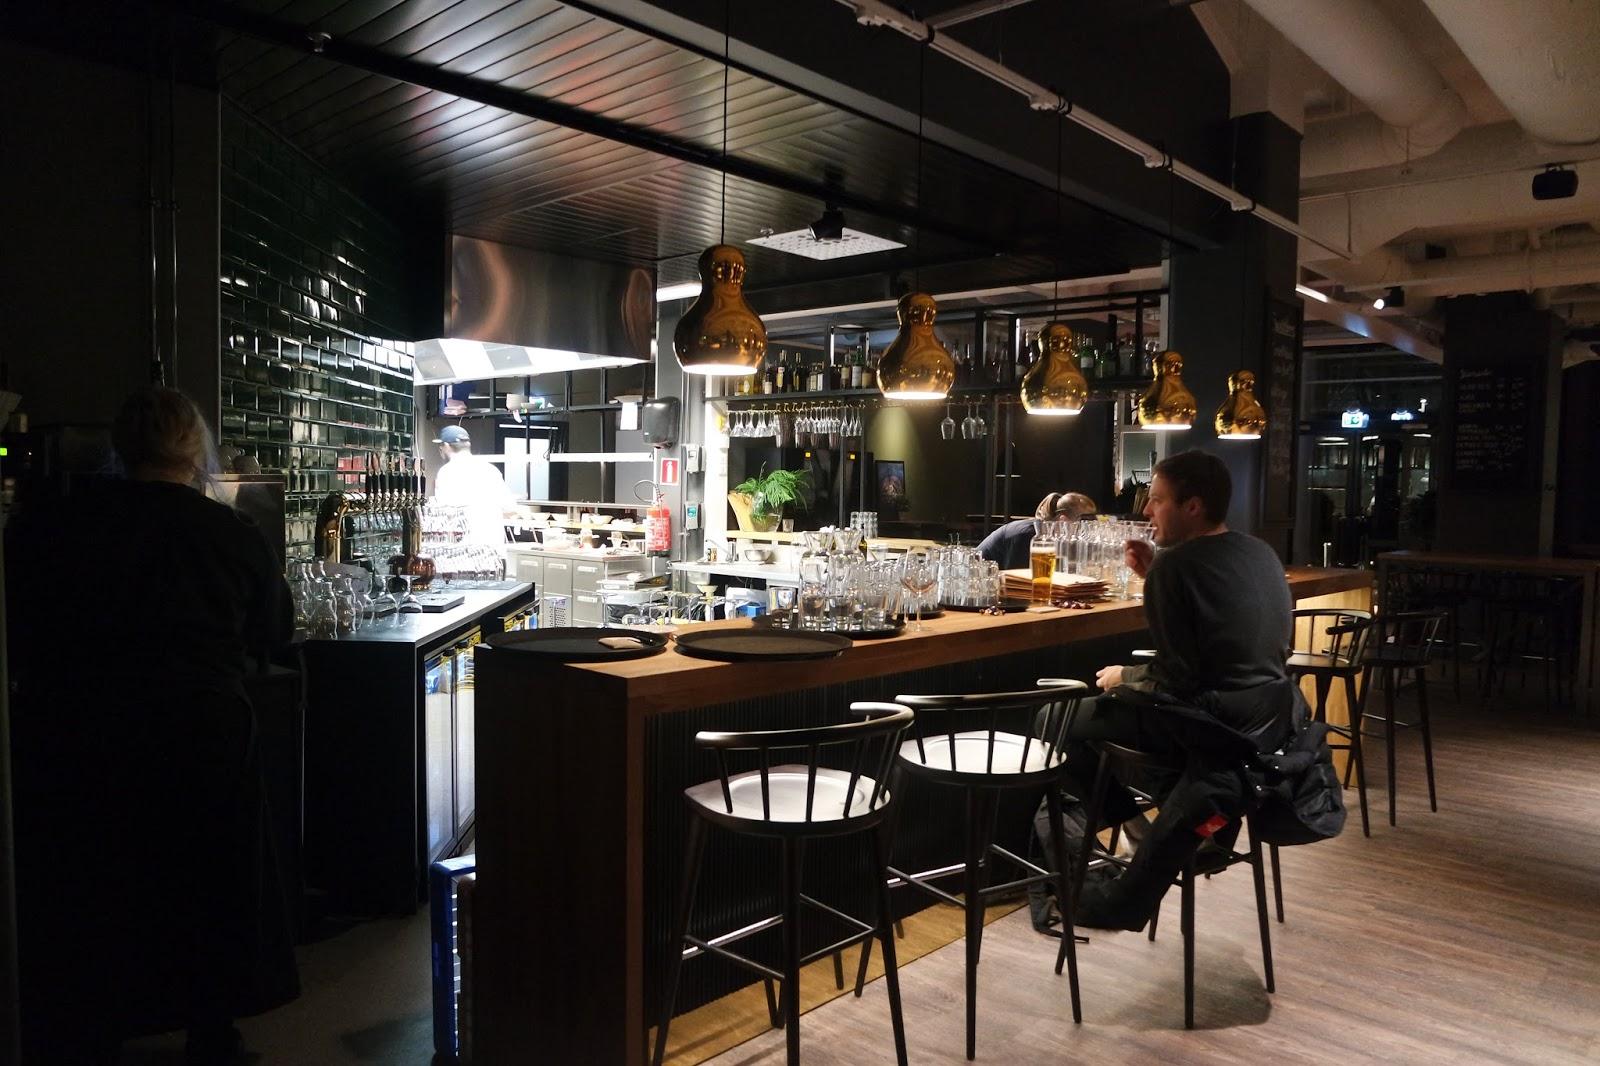 Hyvä Ravintola Tampere